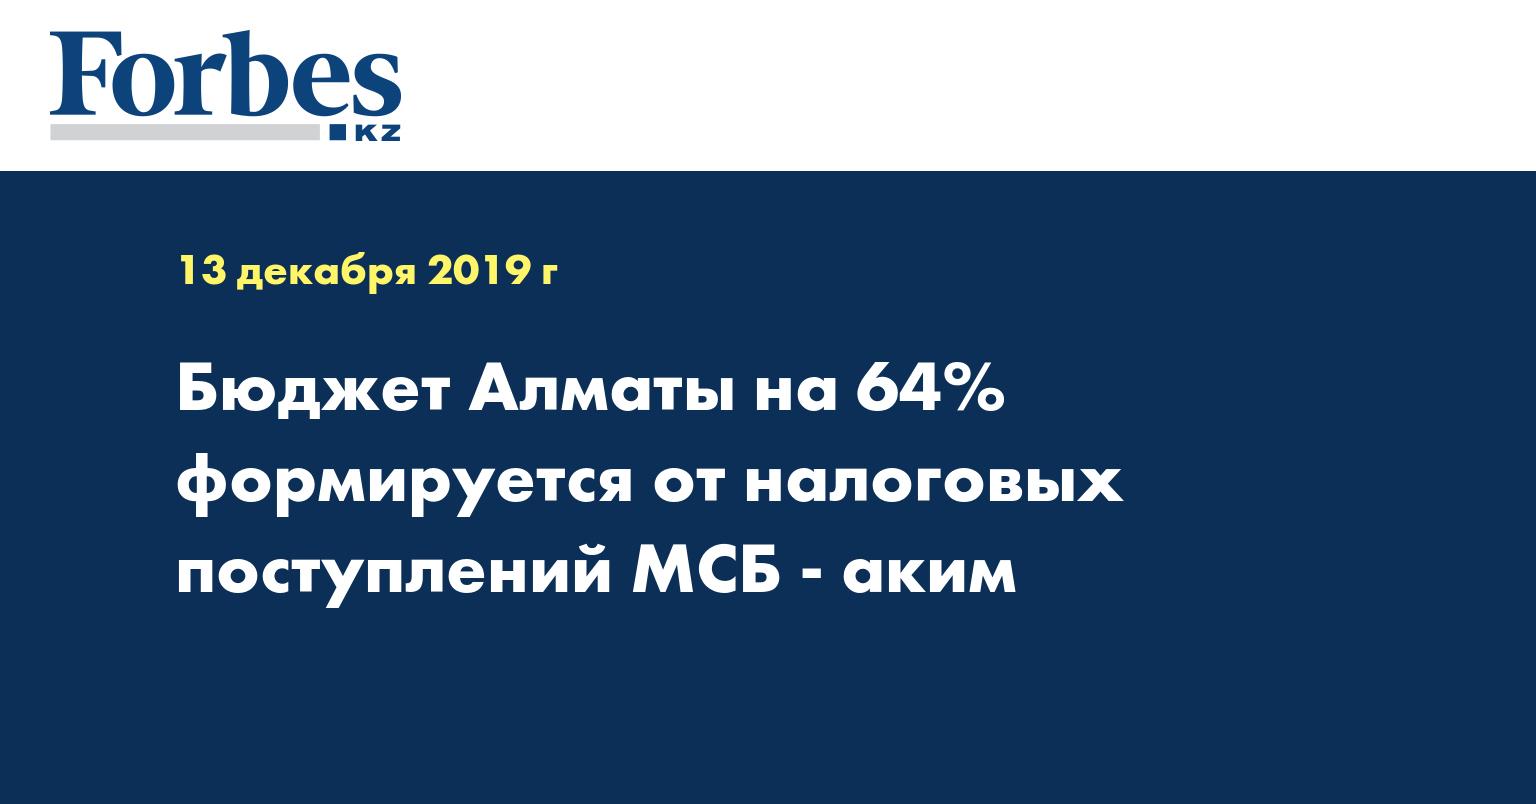 Бюджет Алматы на 64% формируется от налоговых поступлений МСБ - аким